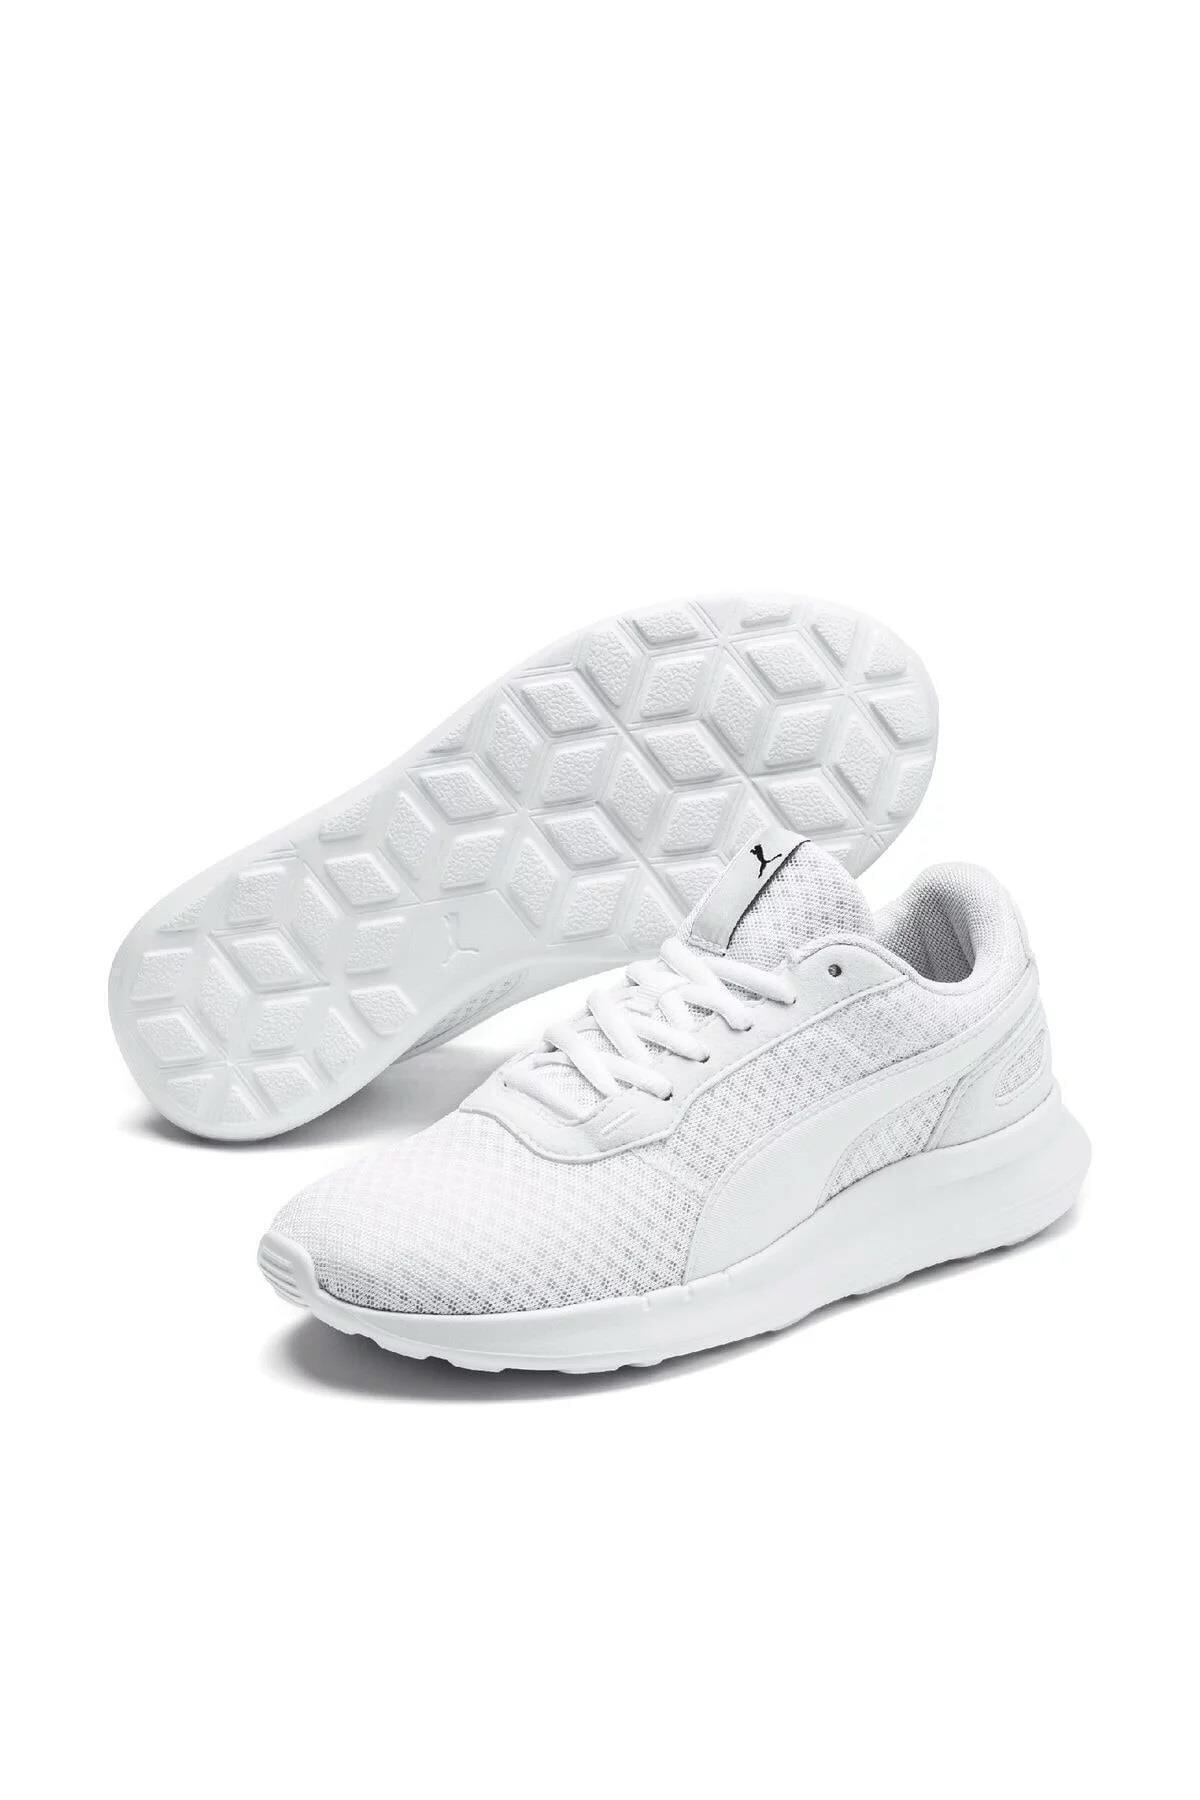 Puma Kadın Beyaz Spor Ayakkabı St Activate 36906902 1